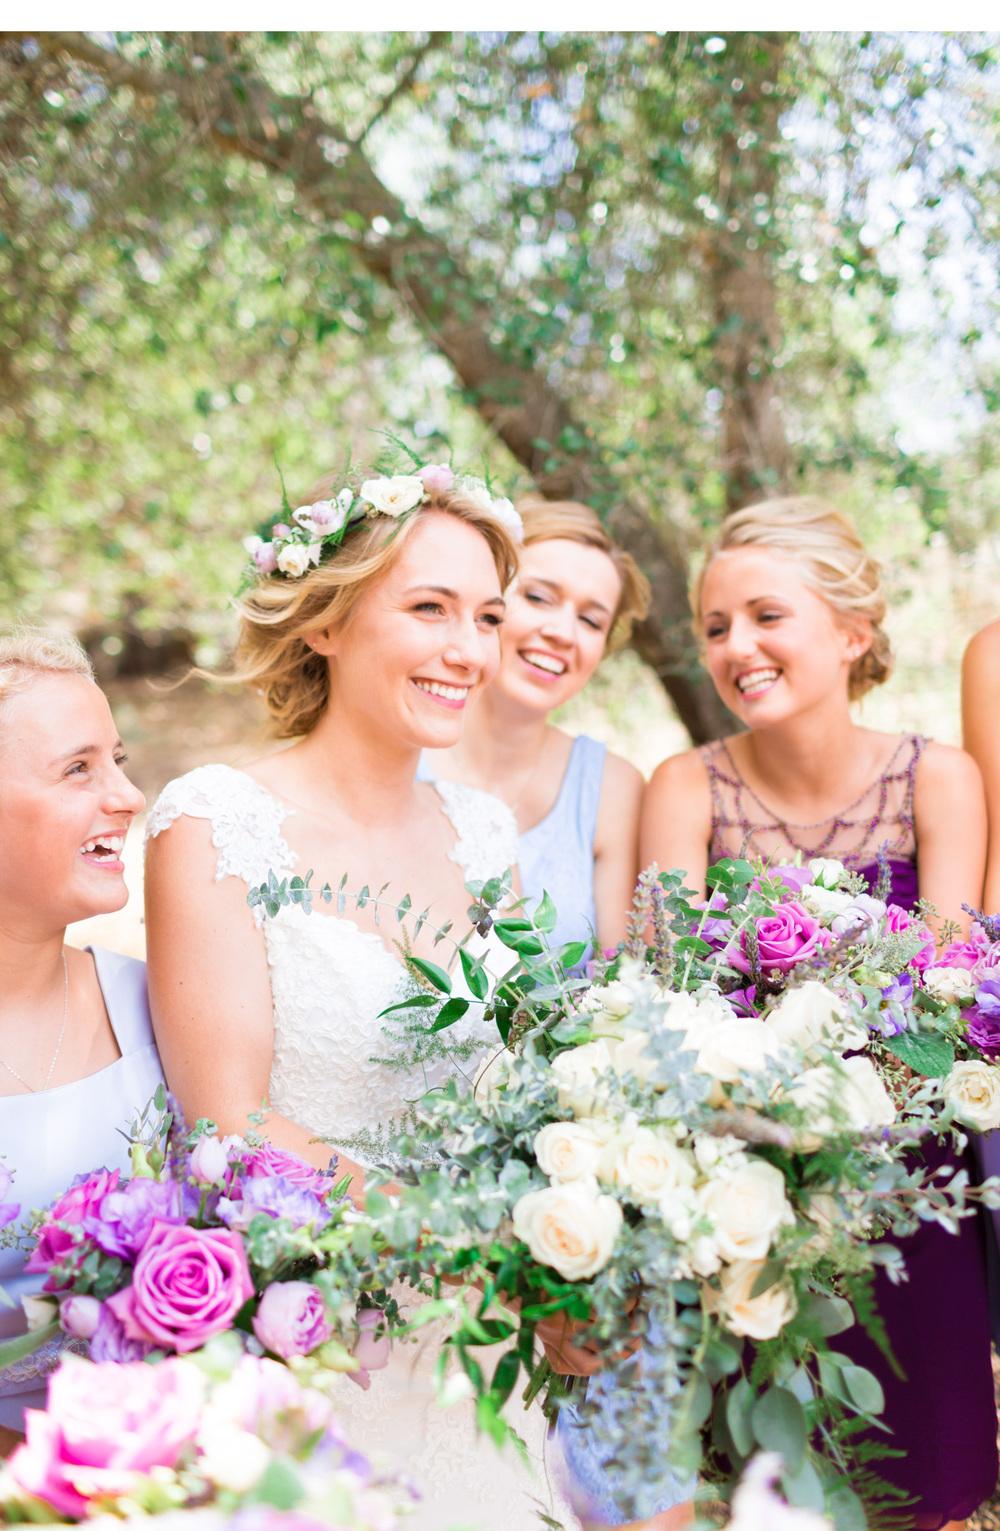 Jessica's-Bridesmaids---Natalie-Schutt-Photography_02.jpg